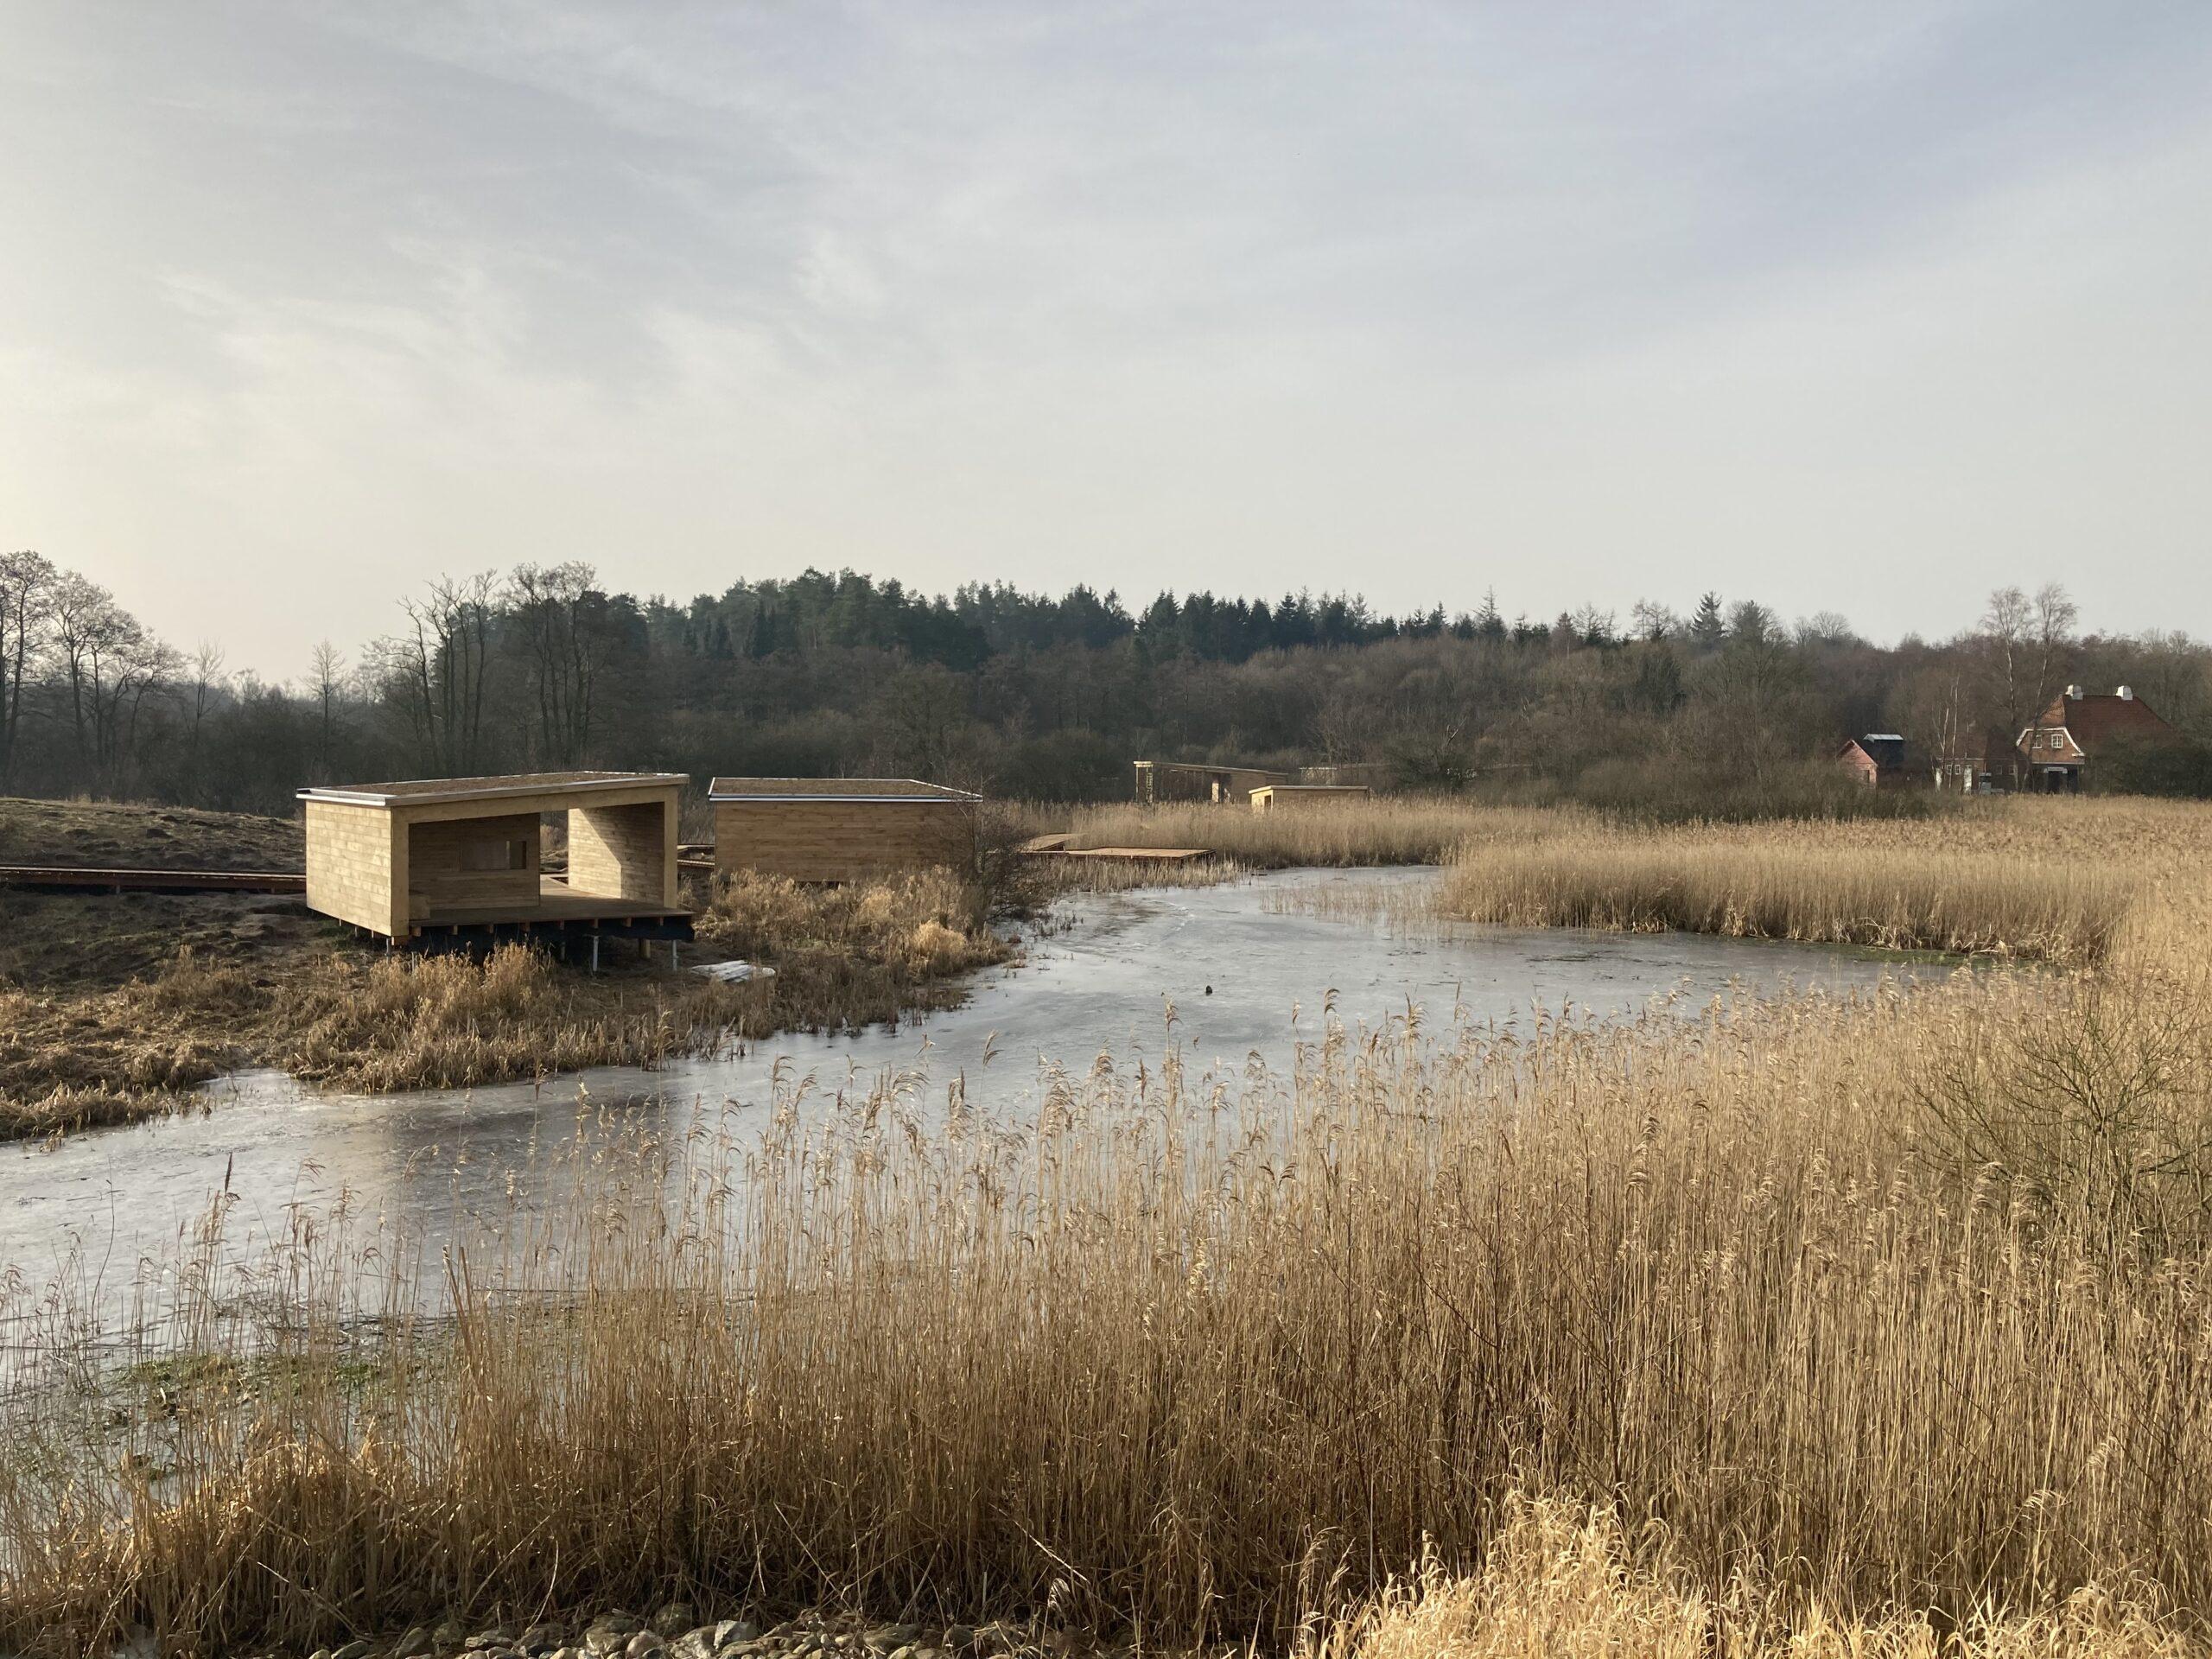 Kolding Danmark shelter